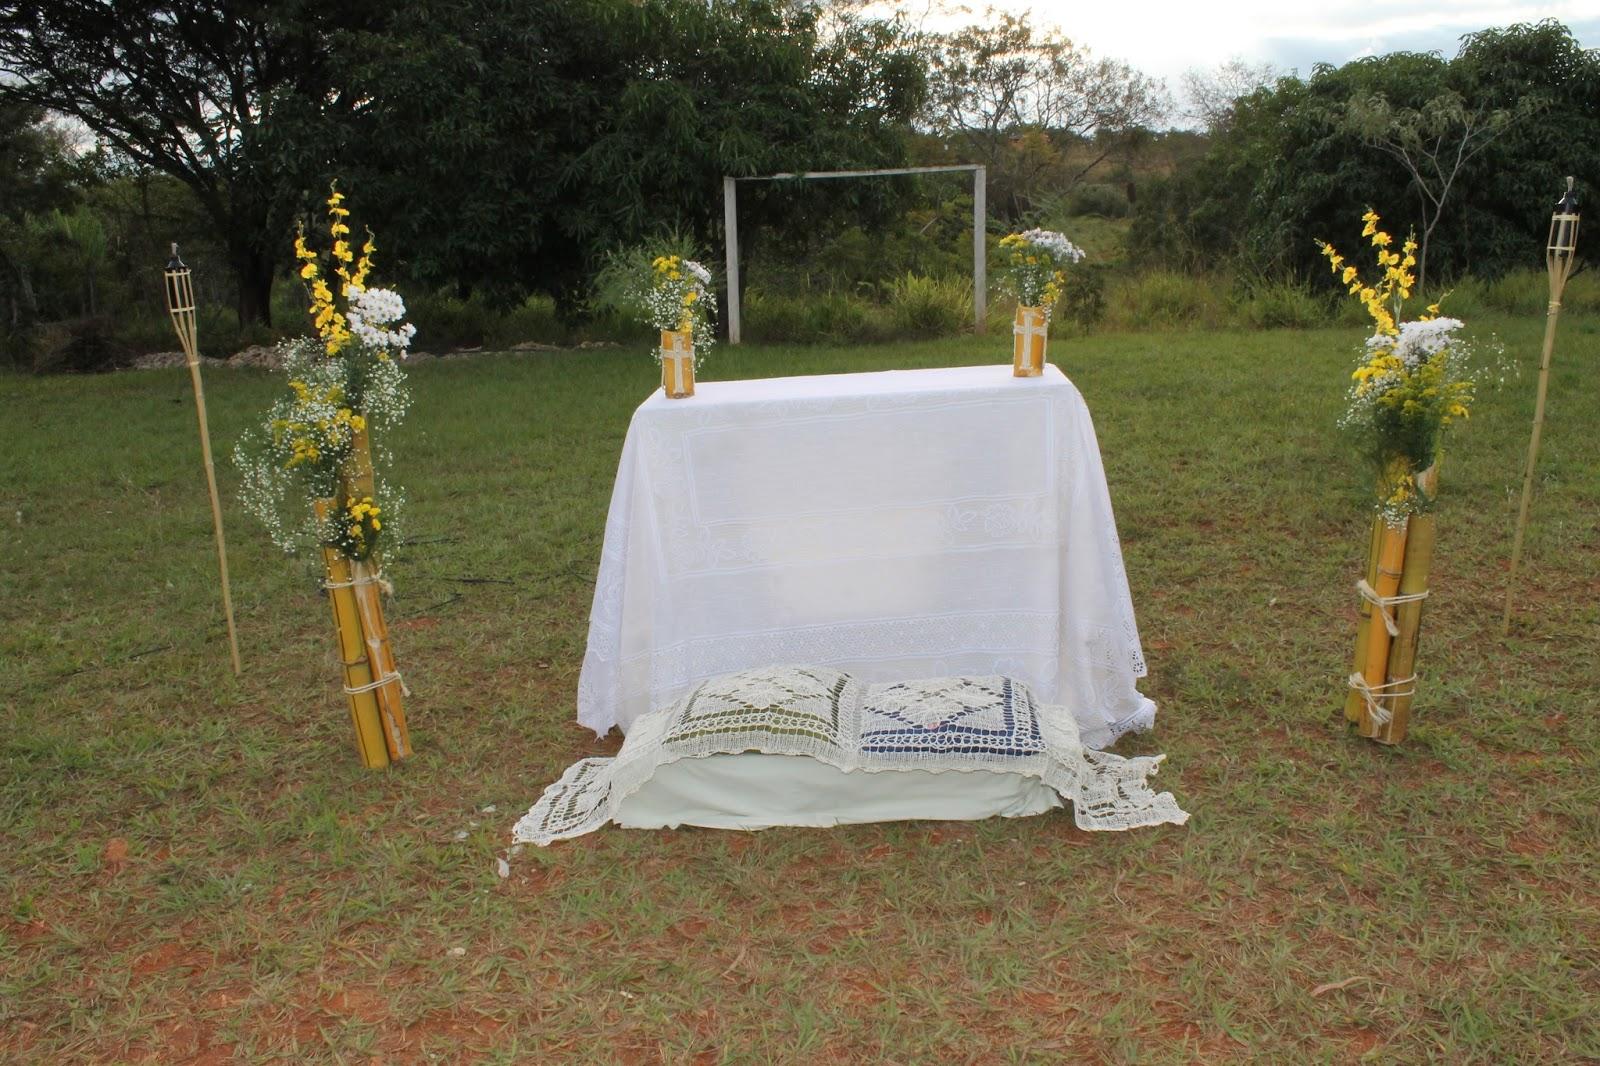 decoracao para casamento em sitio:BLOG do celebrante: CASAMENTO ao ar livre 01 DE JUNHO DE 2013 no